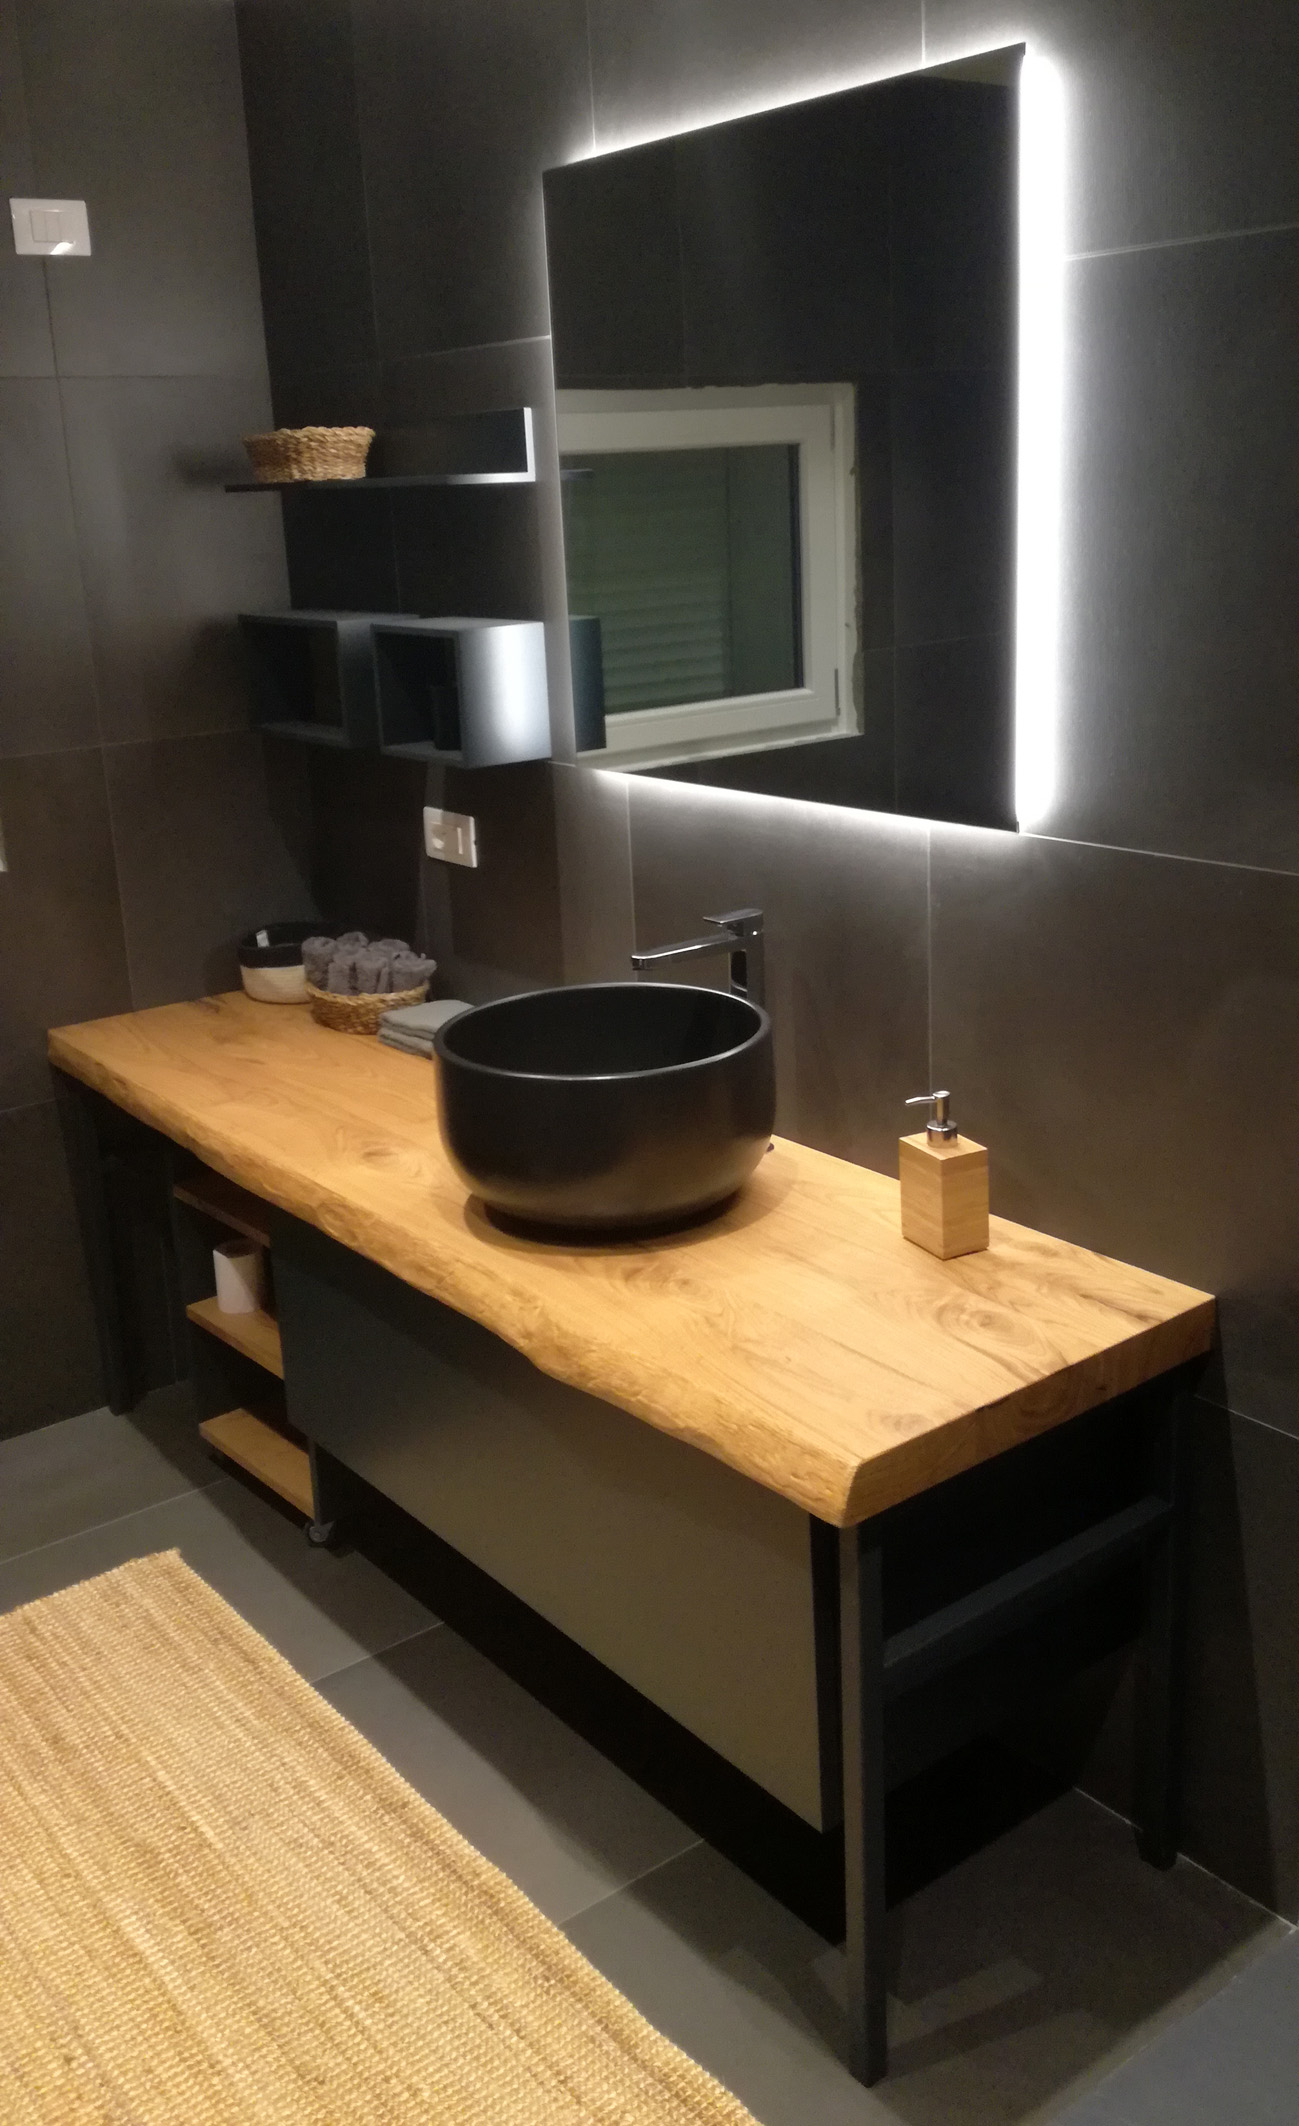 Mobile bagno industrial black con pianale in legno for Arredo bagno black friday